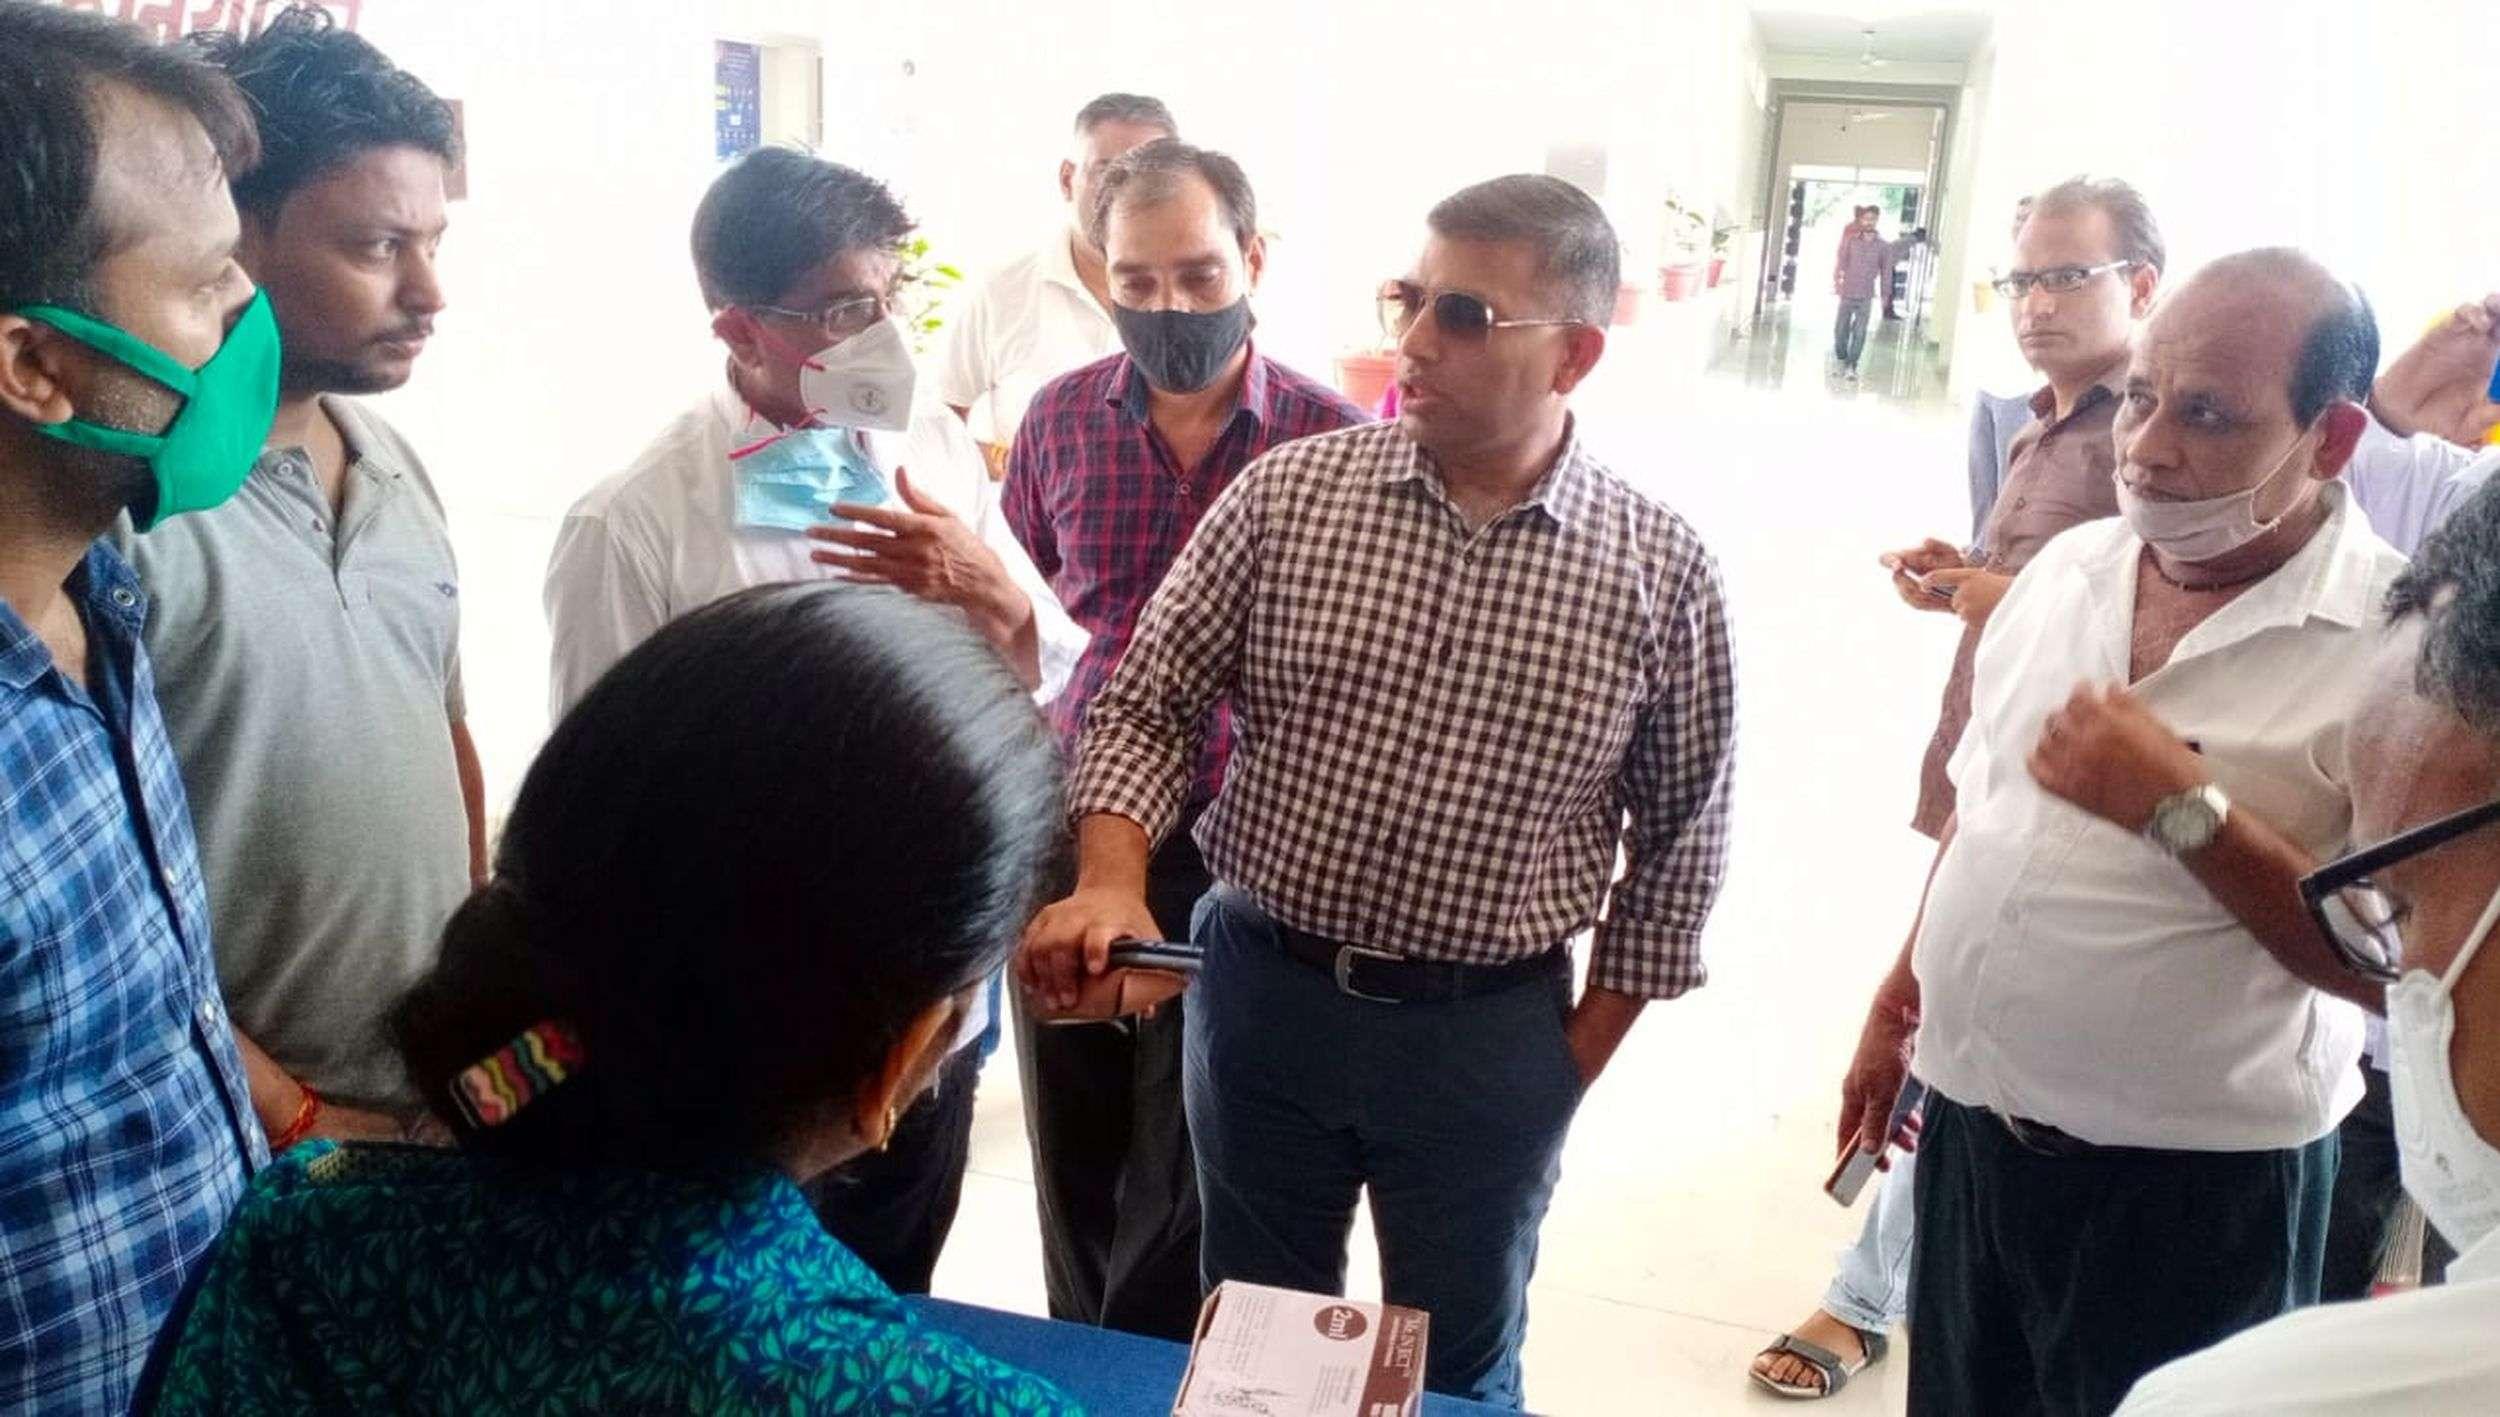 कोविड़ वैक्सीनेशन का महाभियान, जिले में अव्वल रहा हिण्डौन